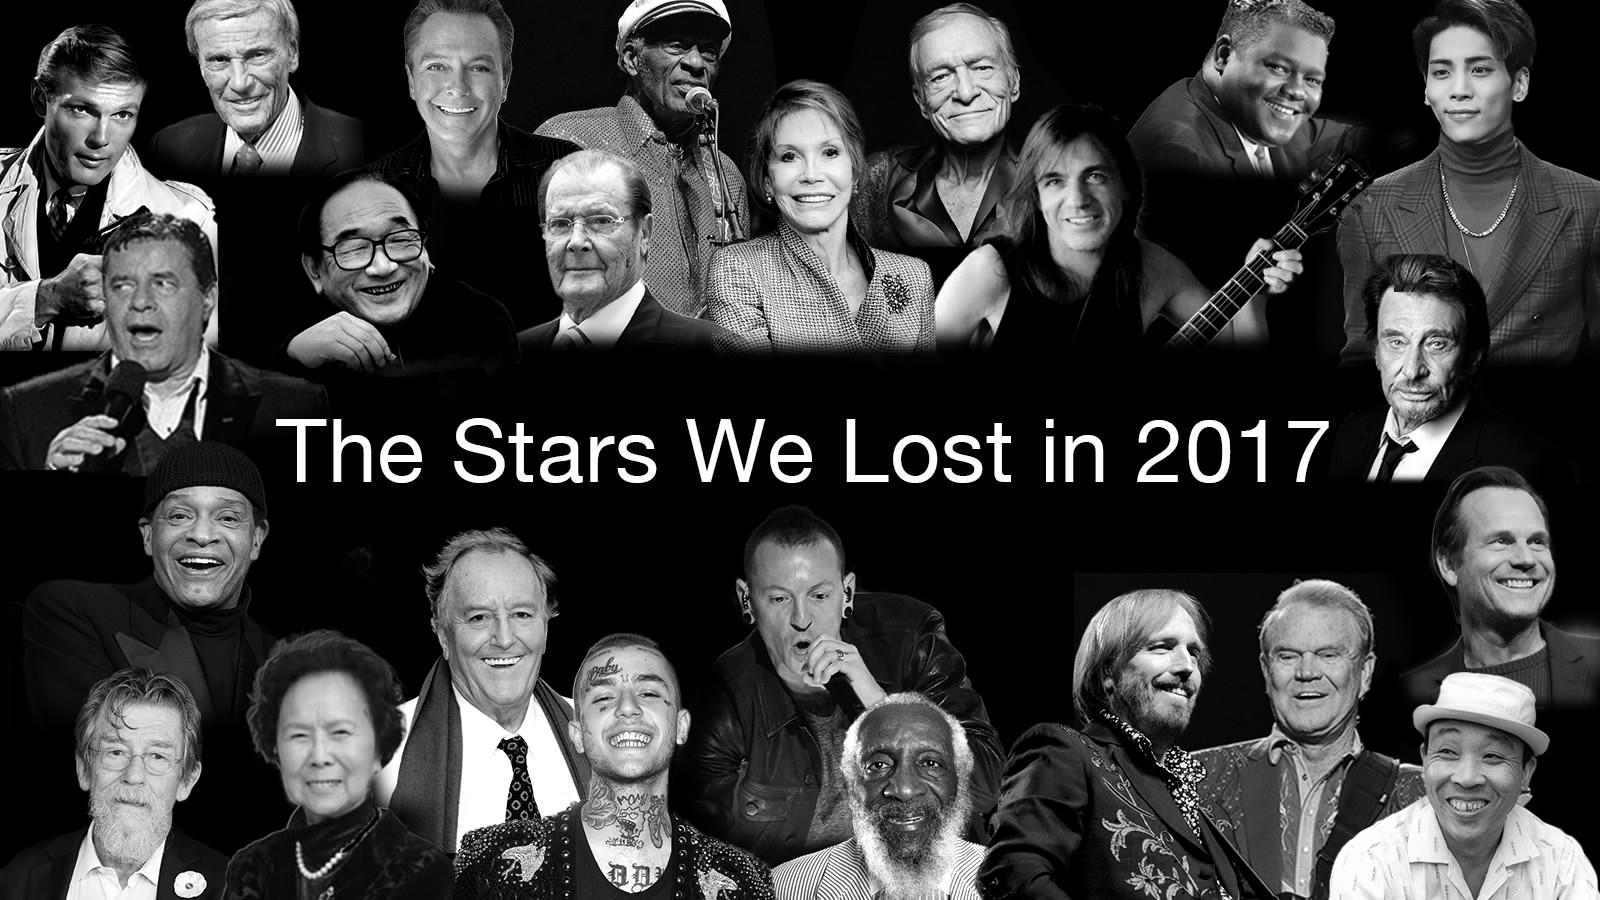 Stars we lost in 2017